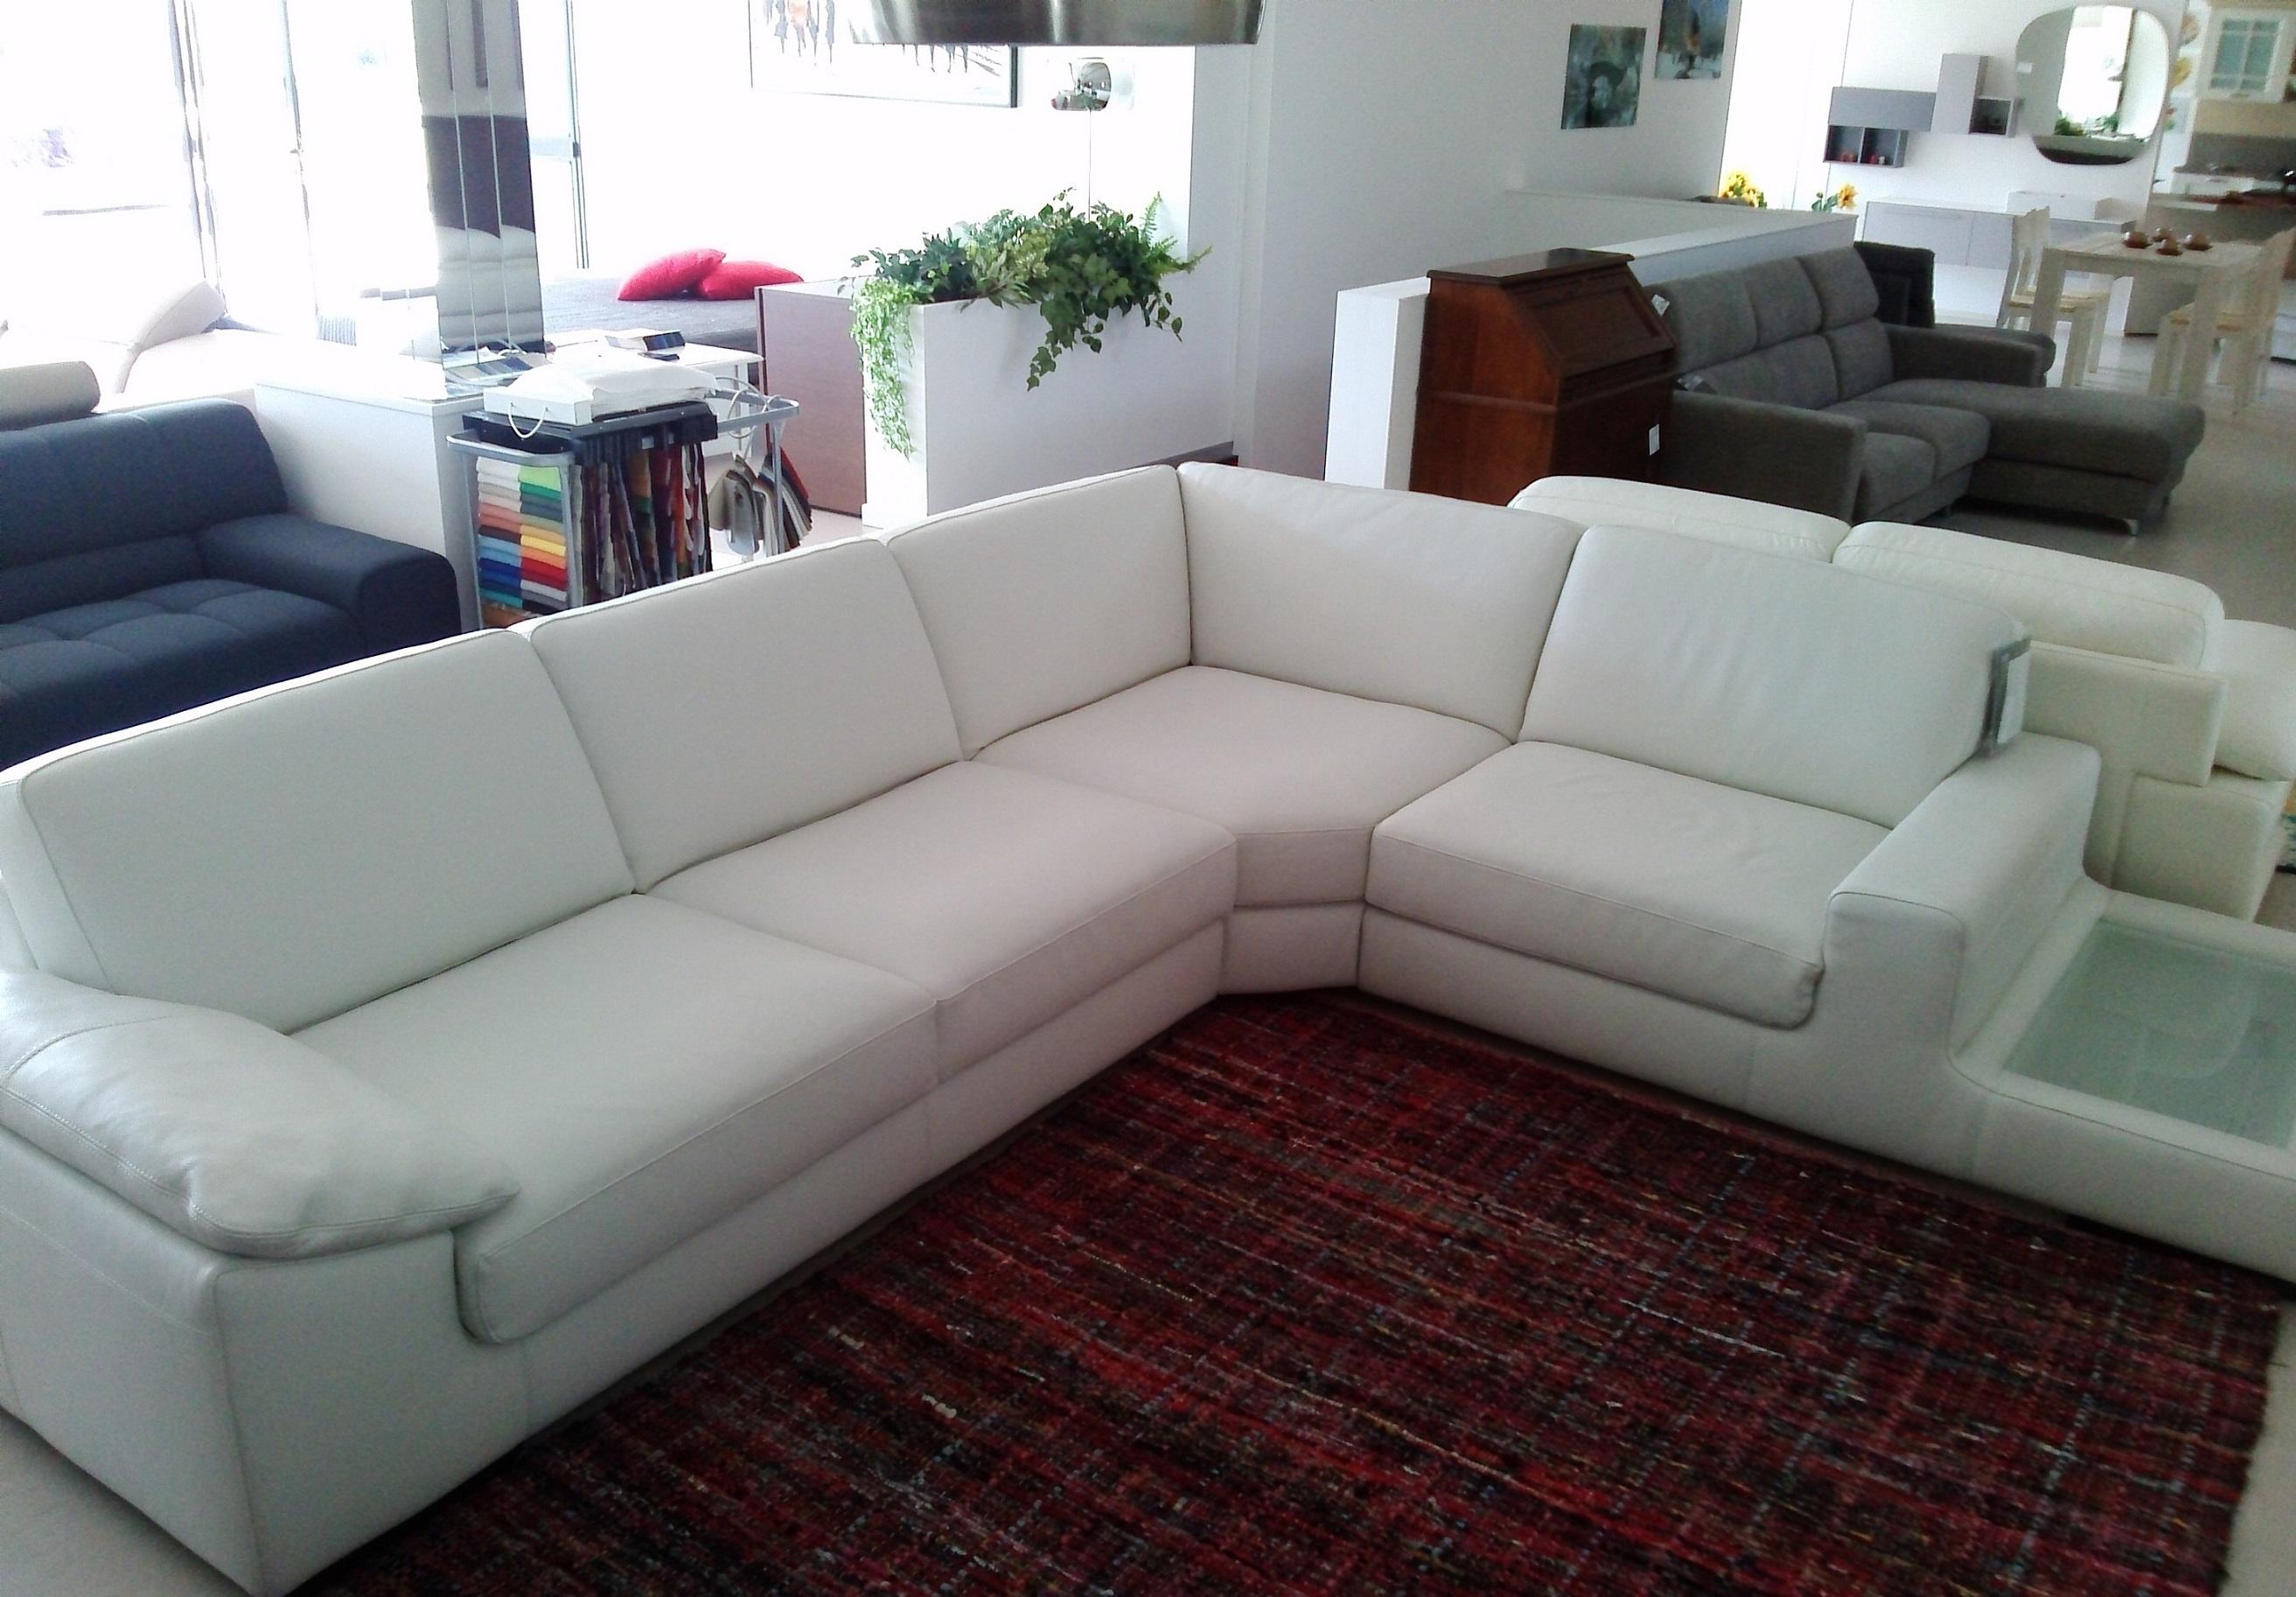 Nicoline salotti divano kronos scontato del 58 divani - Divani in pelle poltronesofa prezzi ...